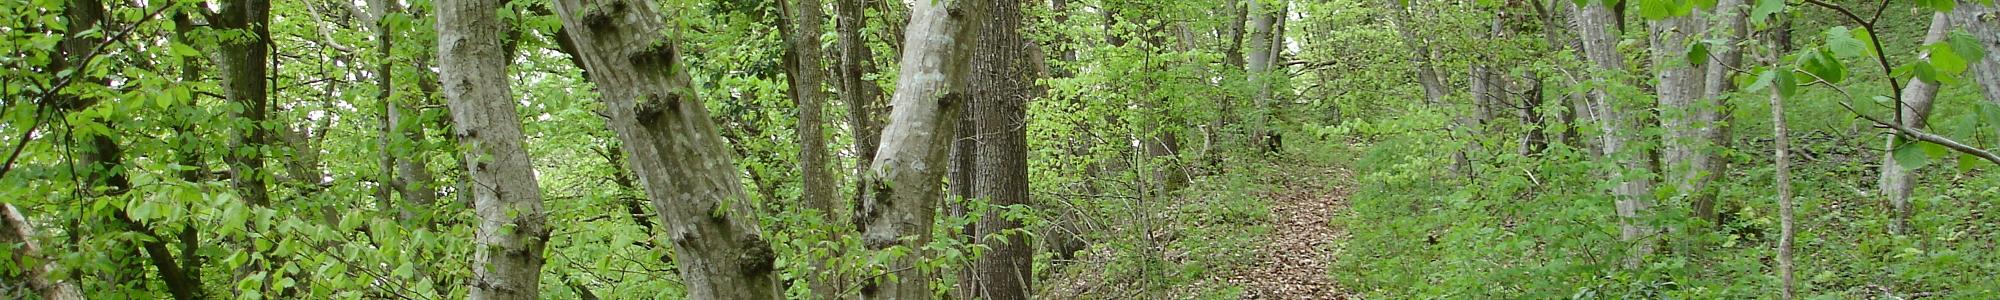 Landschaft- und Naturschutz